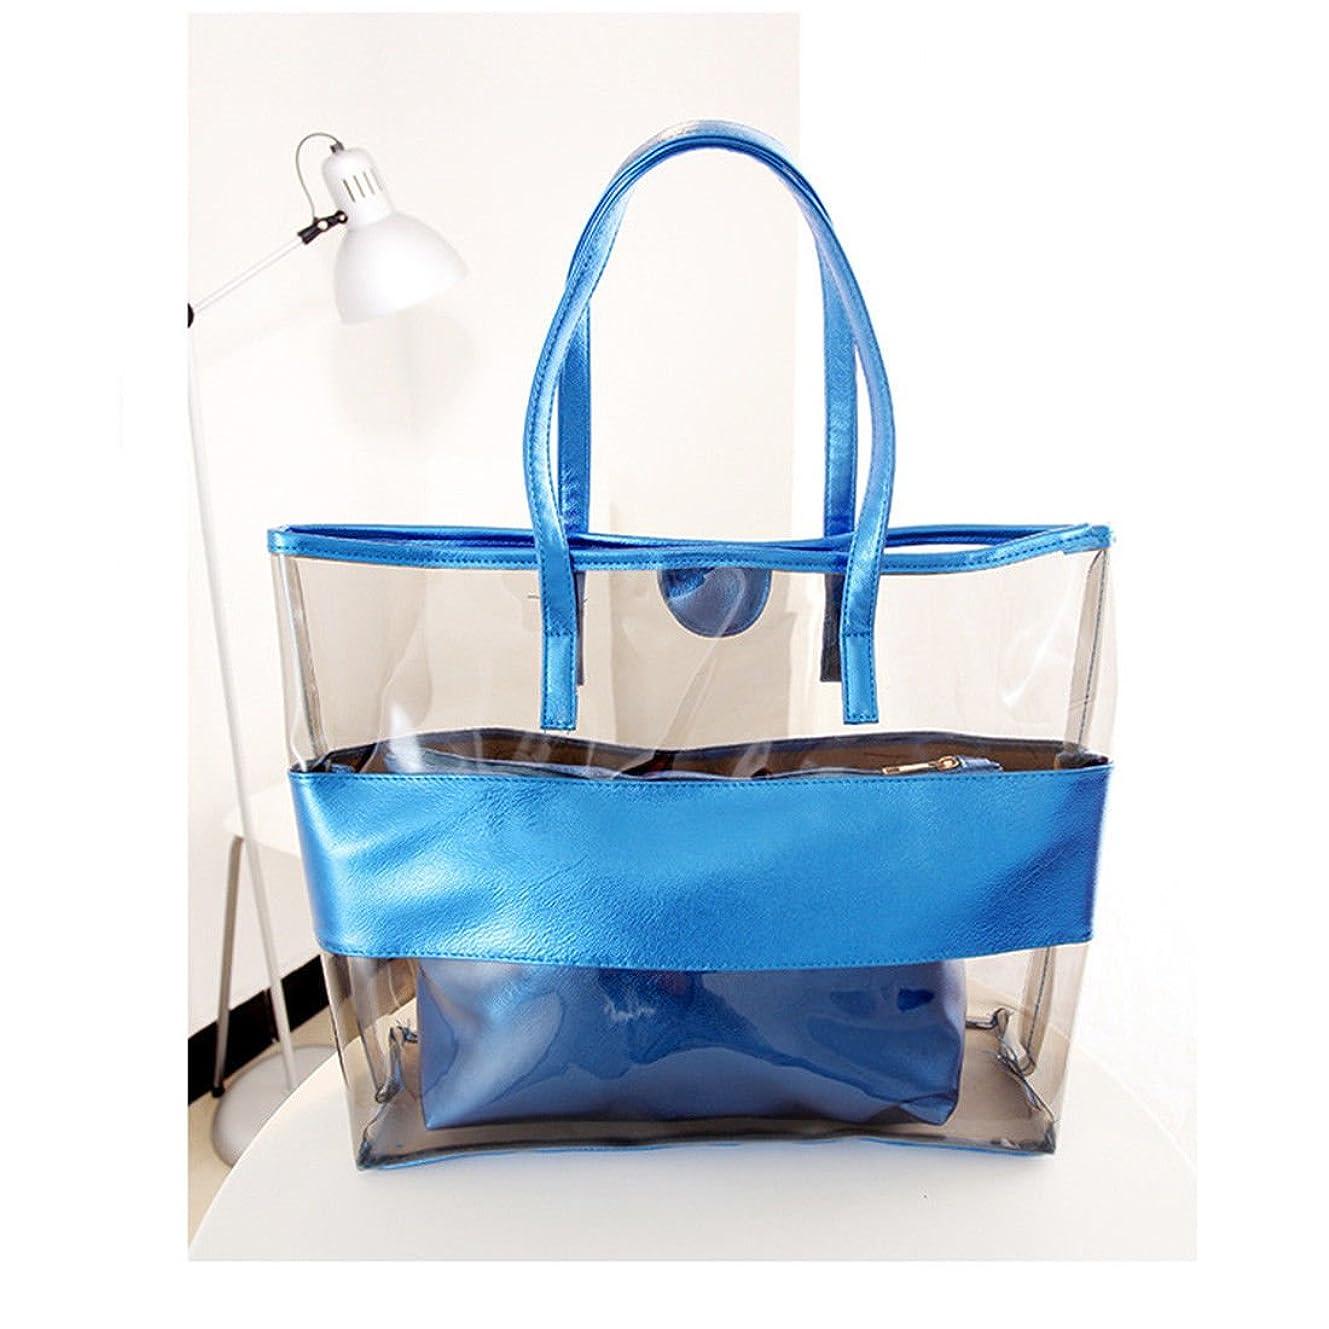 典型的な傷跡クレタシューズ&バッグ/ バッグ?スーツケース / レディースバッグ?財布 / バッグ /ショルダーバッグ/ New Gift For Womens Transparent Bag Jelly Clear Beach Handbag Tote Shoulder Bag